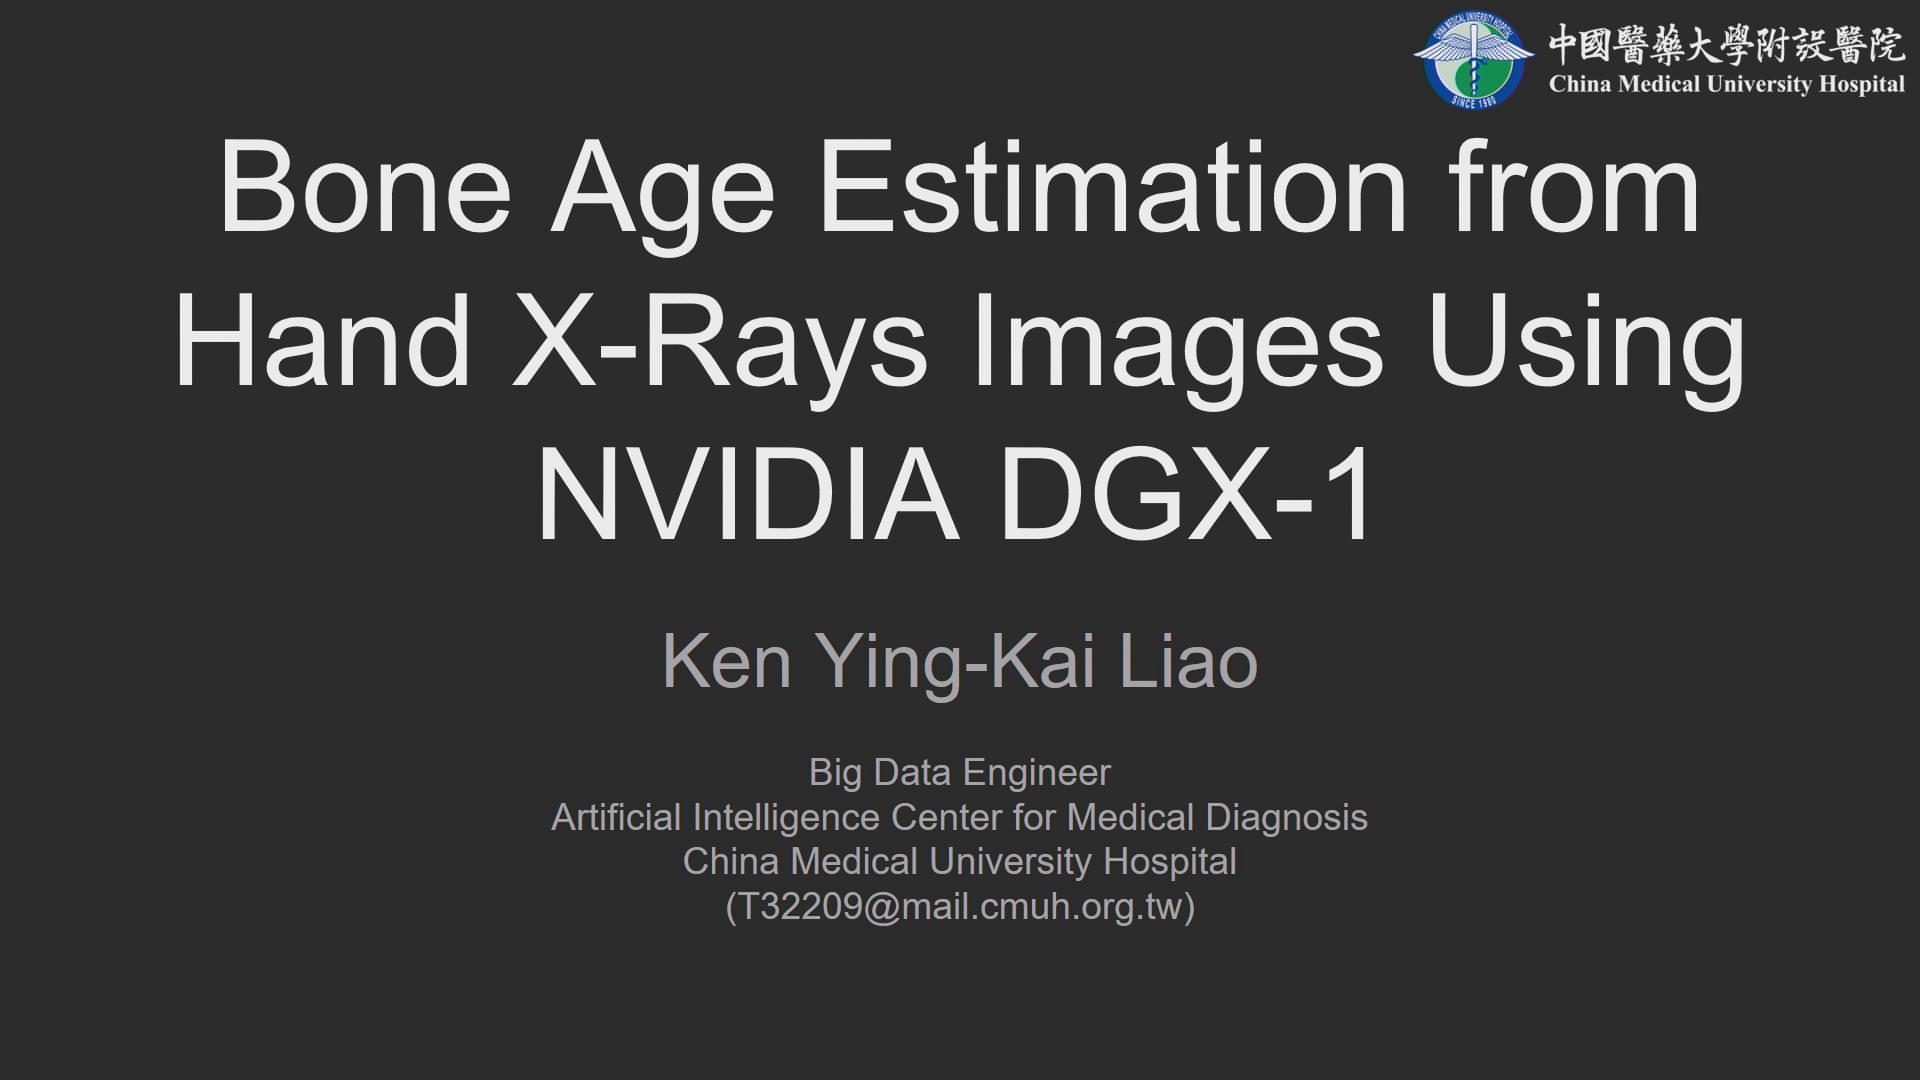 使用 NVIDIA DGX-1 開發手部 X 光影像之骨齡評估系統